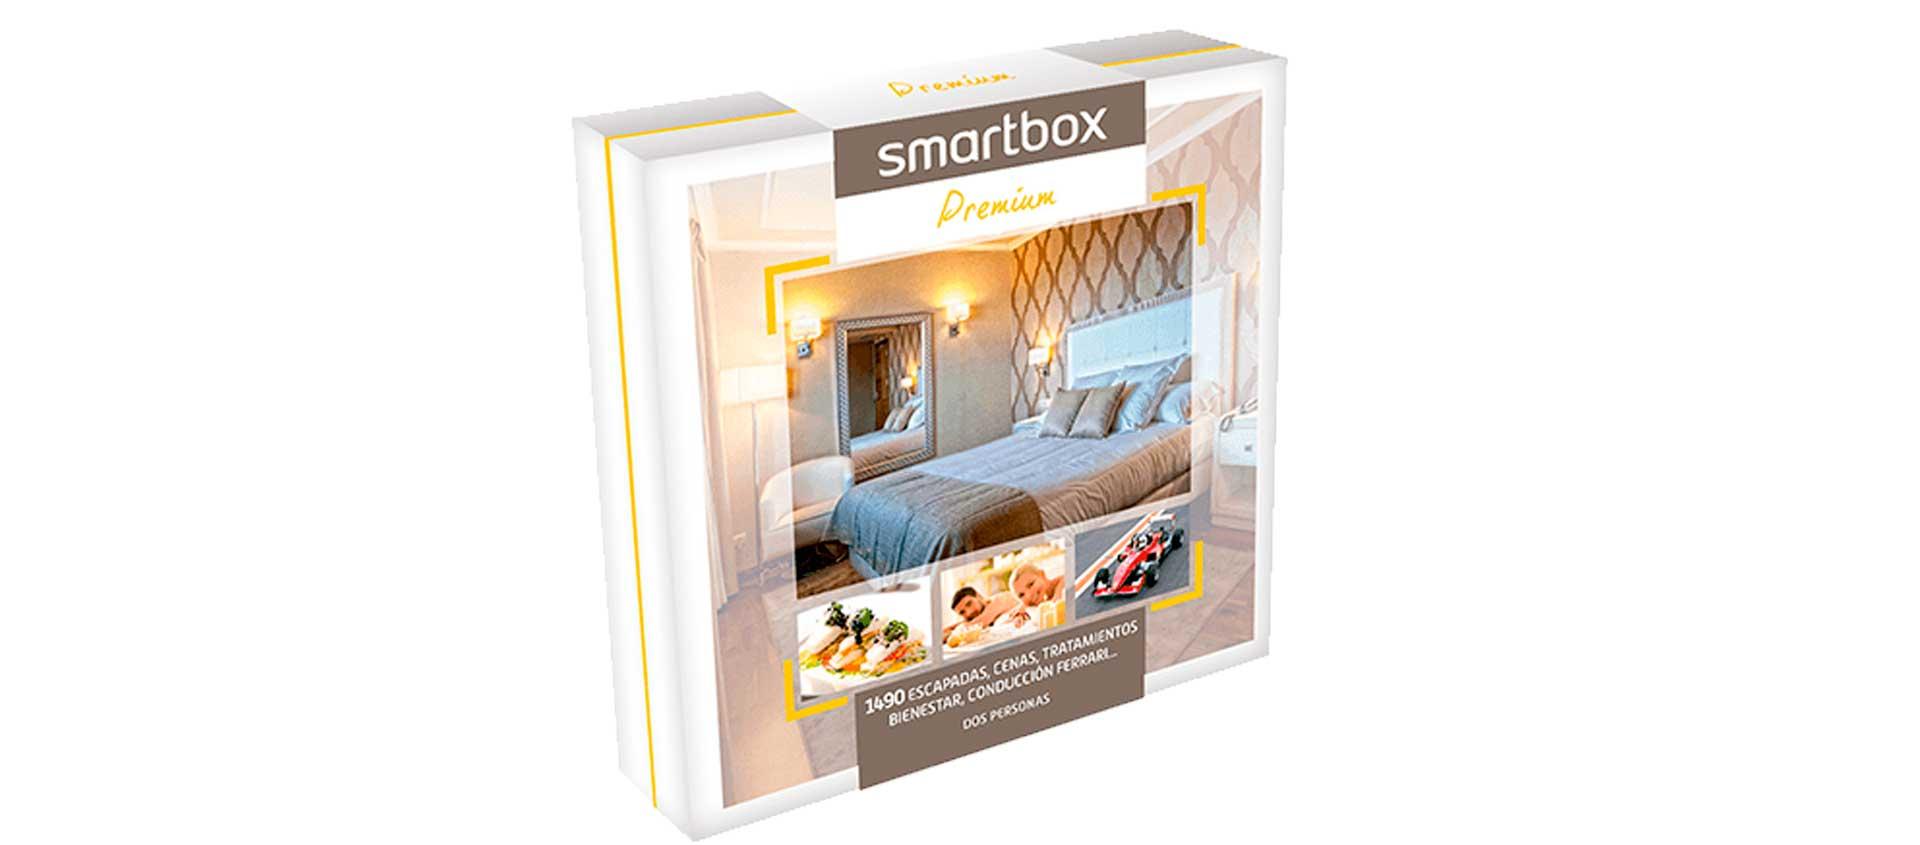 Participa en el SORTEO de una Smartbox